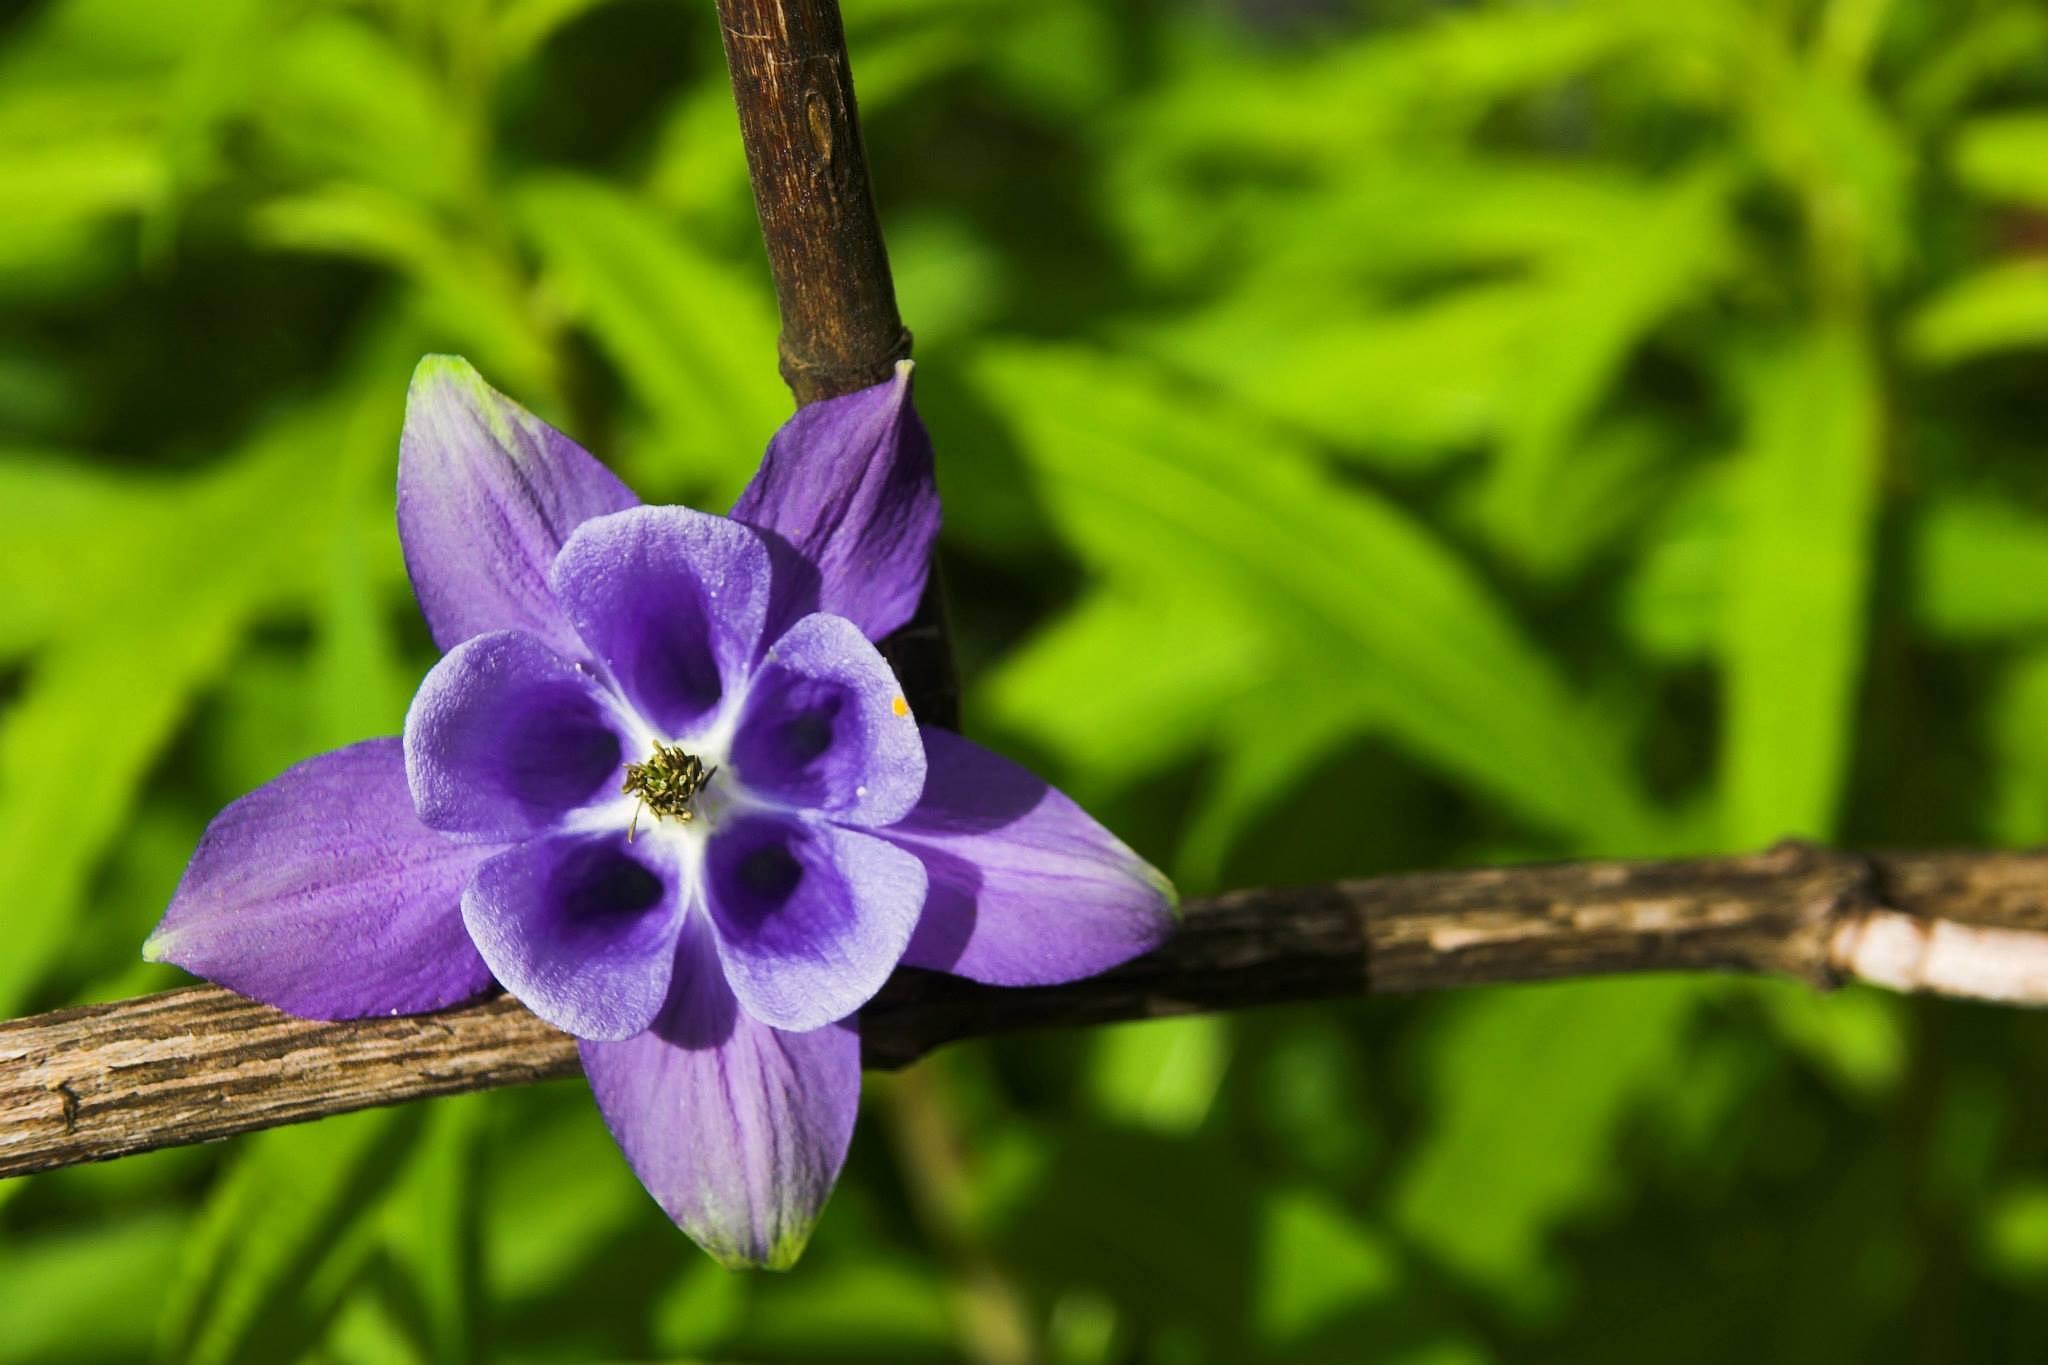 Flower by jokumzie